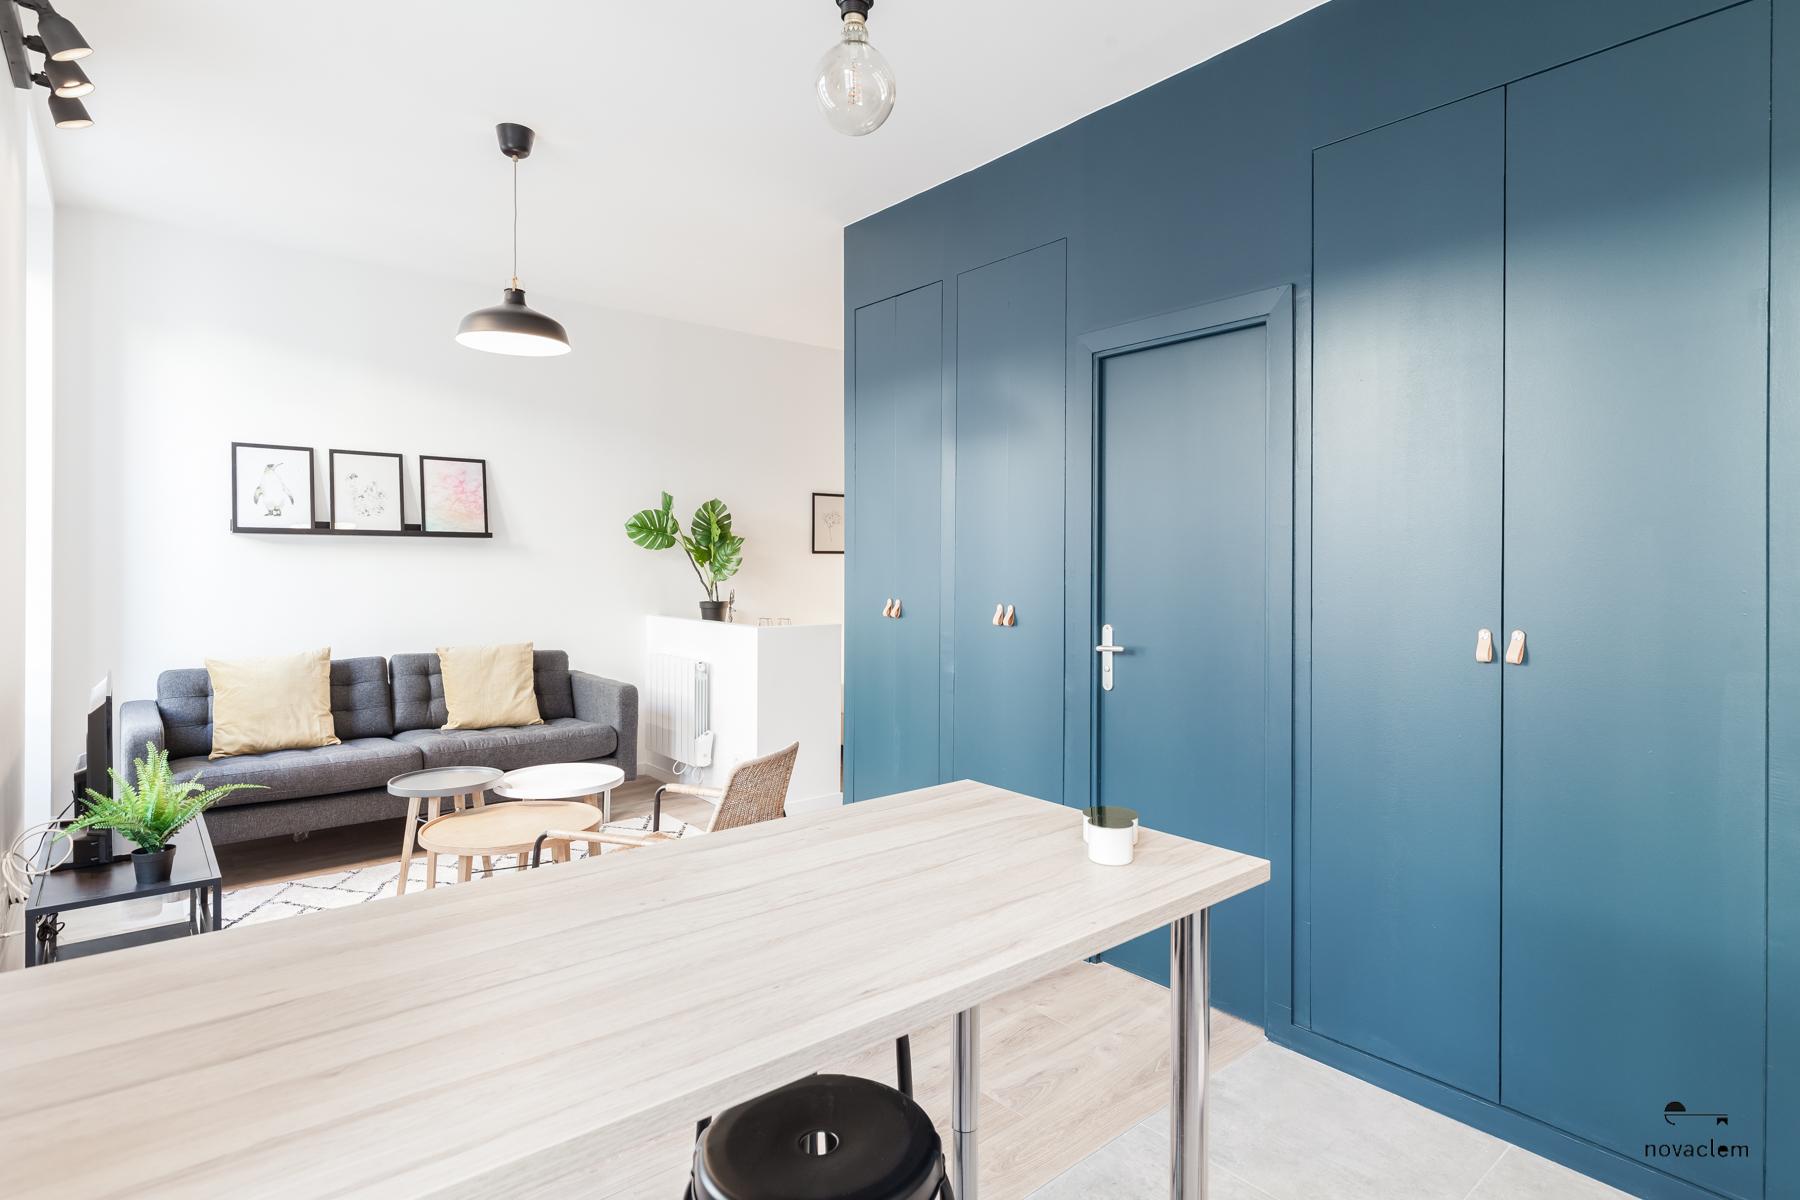 Novaclem - salon après travaux Mini loft Camas - Investissement Marseille